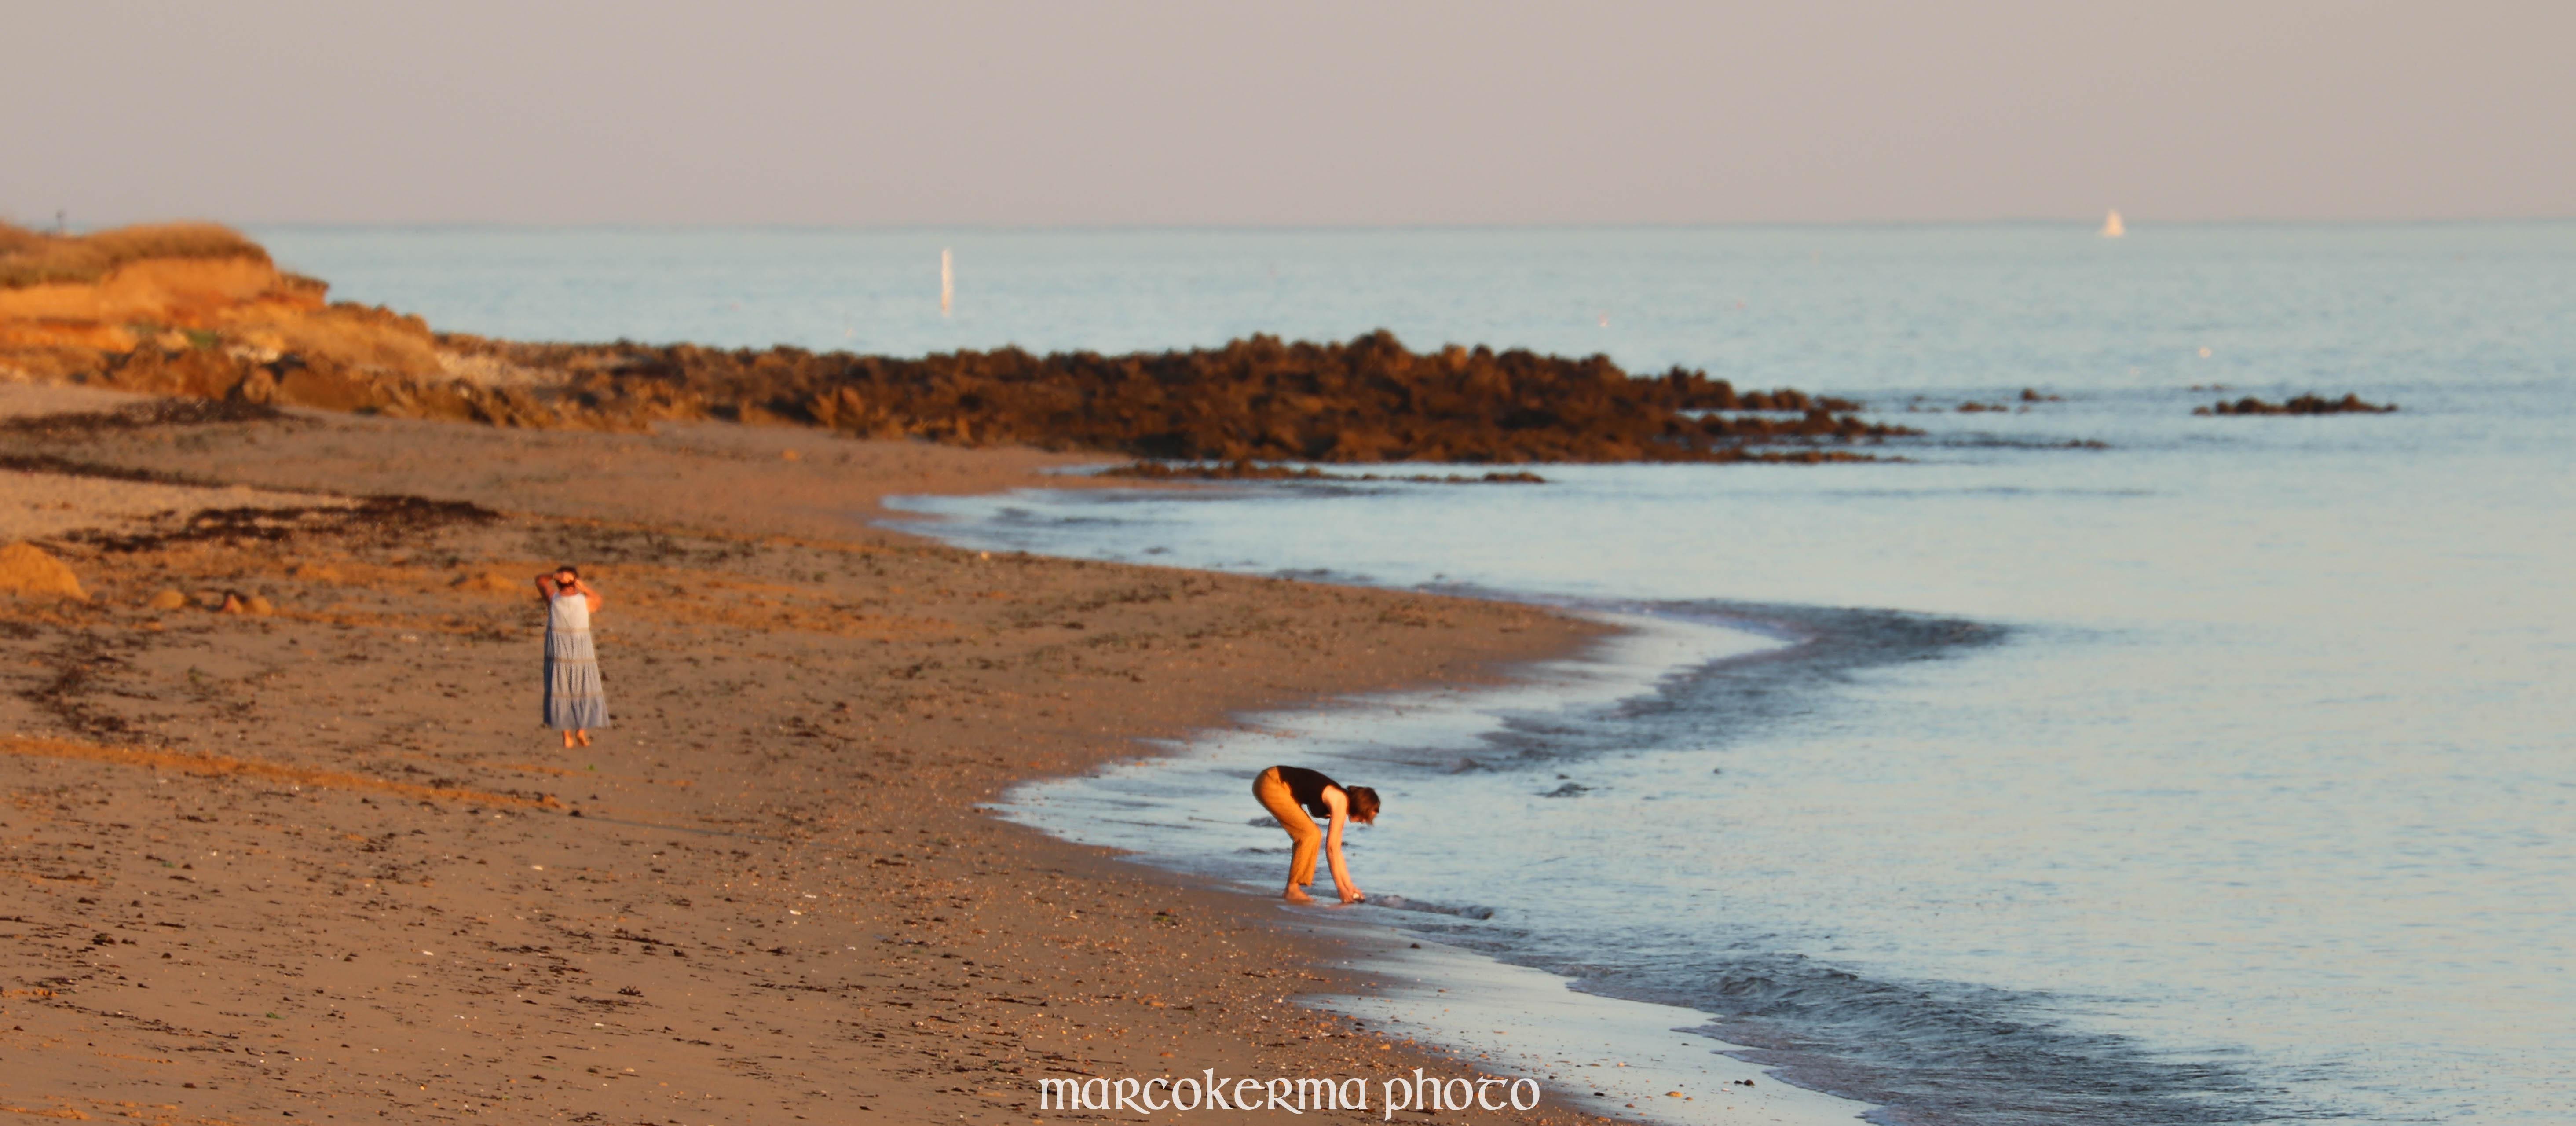 plage de St Pierre, 14 sept.19, 20h05.jpg